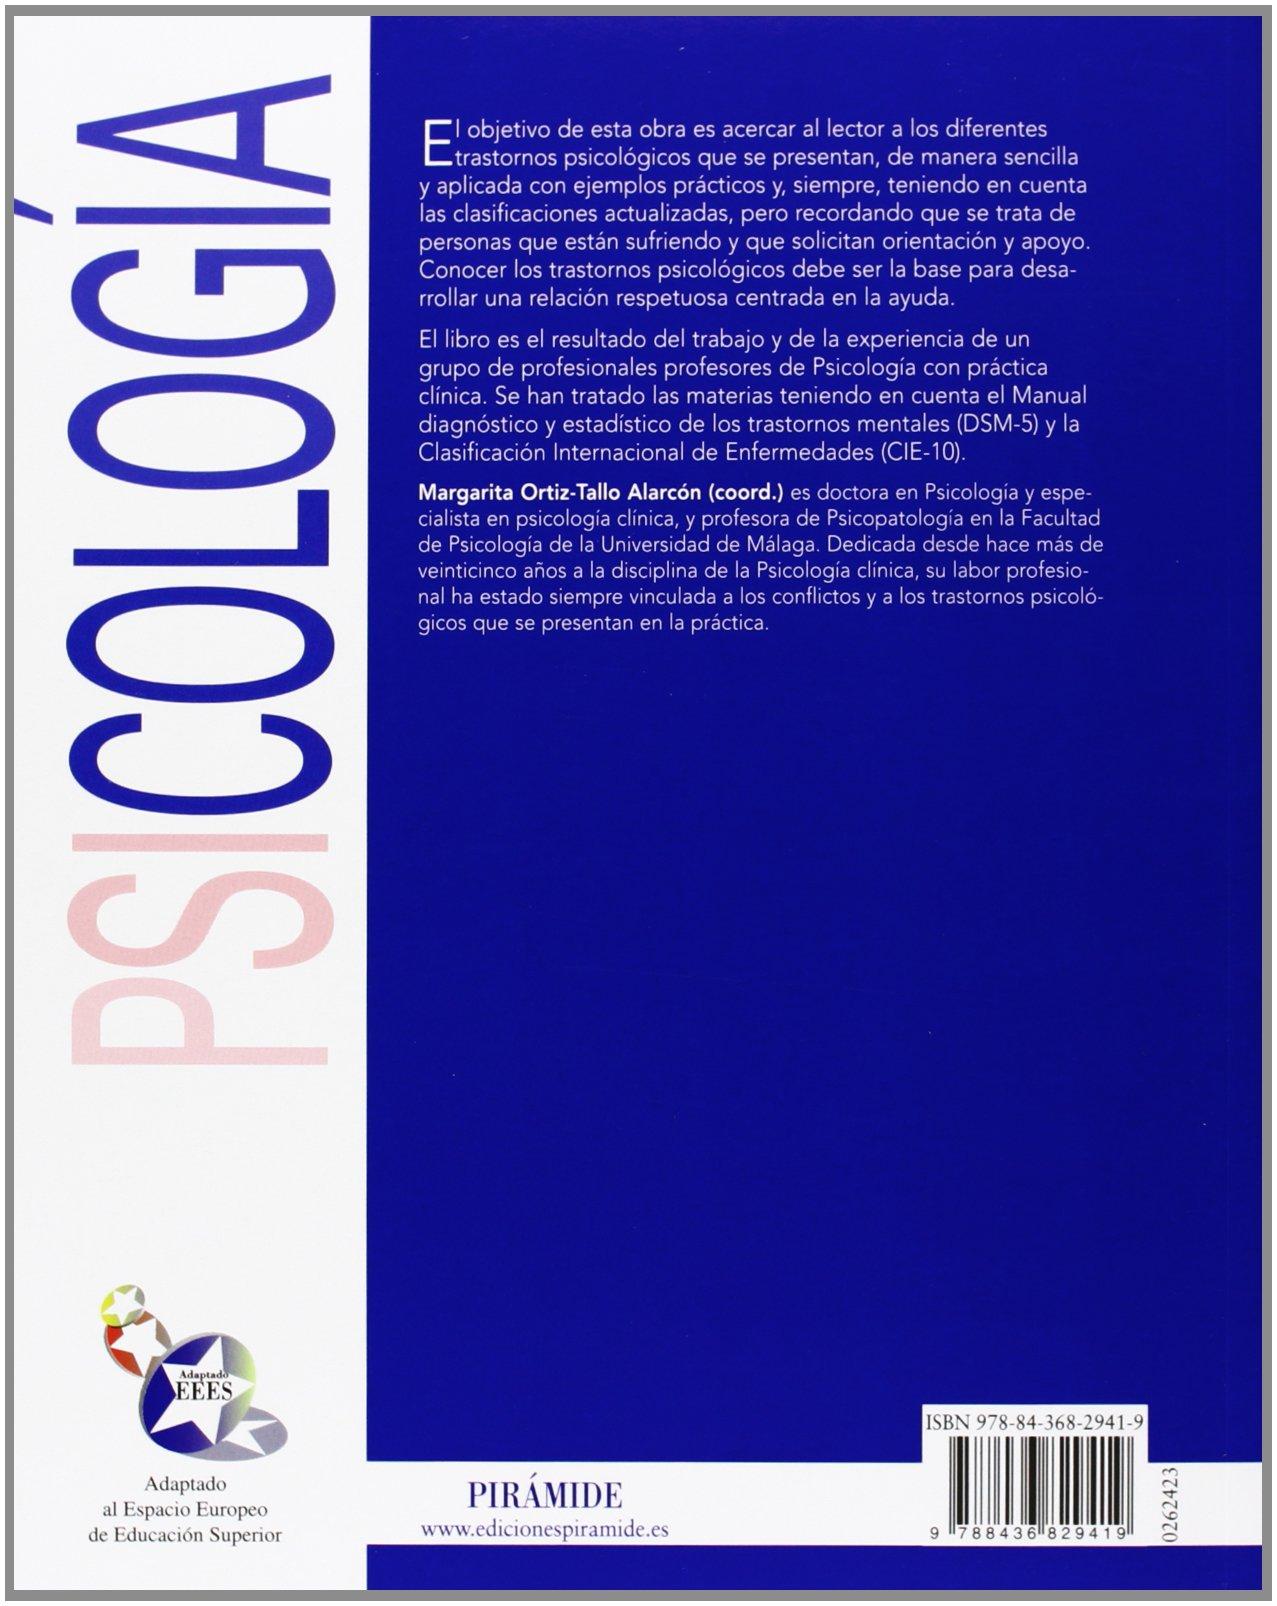 Psicopatología clínica: Adaptado al DSM-5 Psicología: Amazon.es: Margarita Ortiz-Tallo: Libros